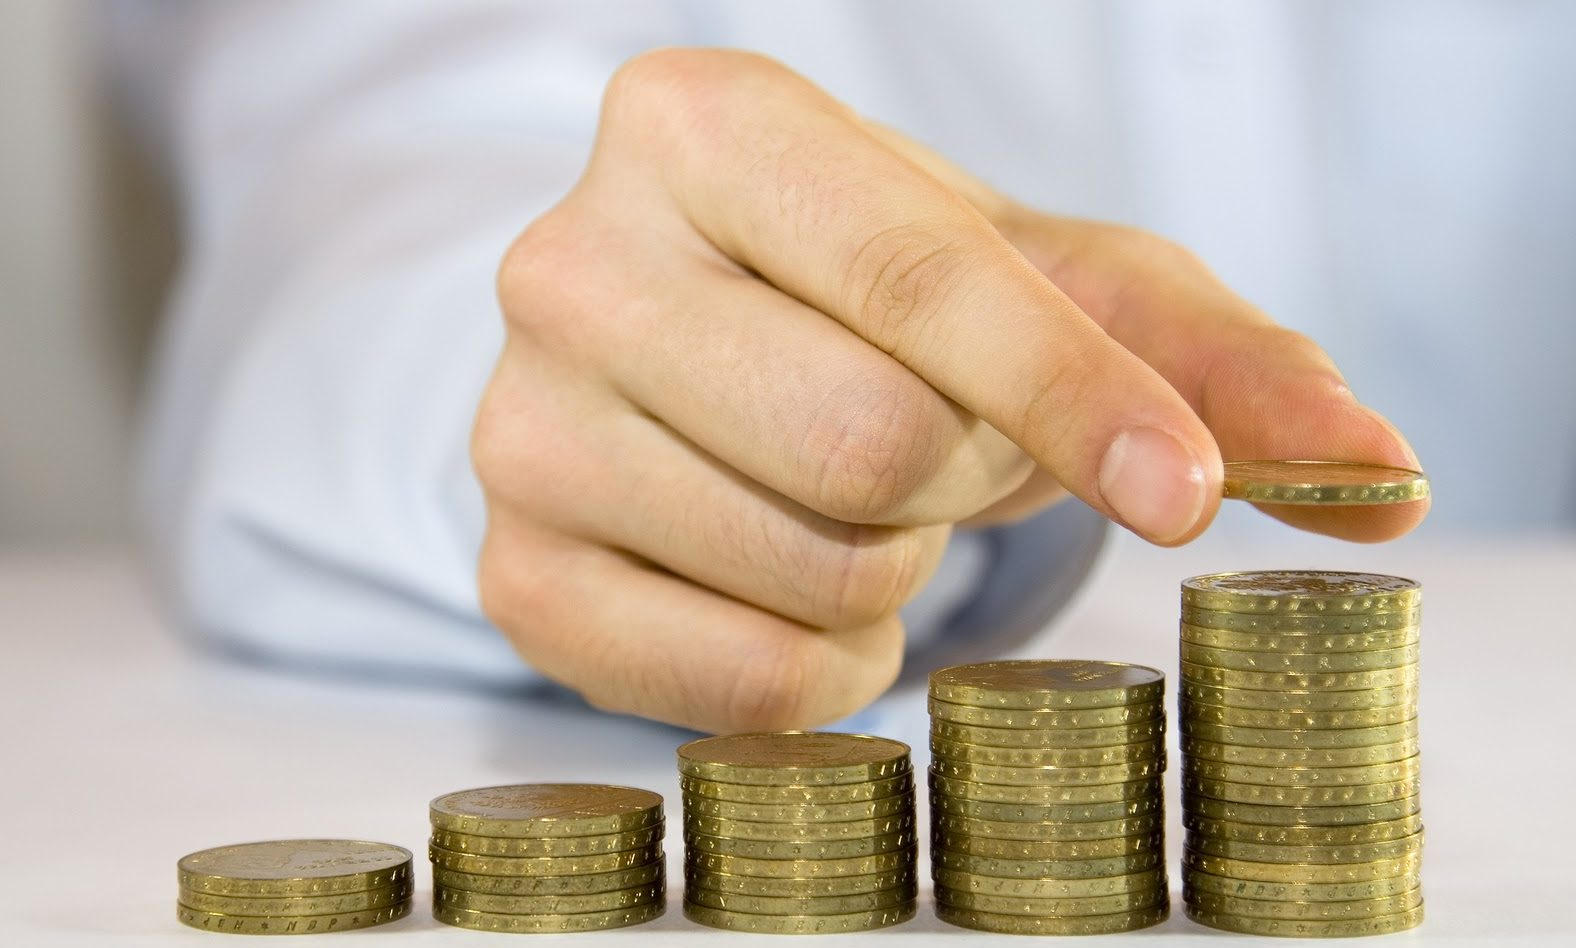 hogyan lehet digitális pénzt keresni üzletközpont működési elvei